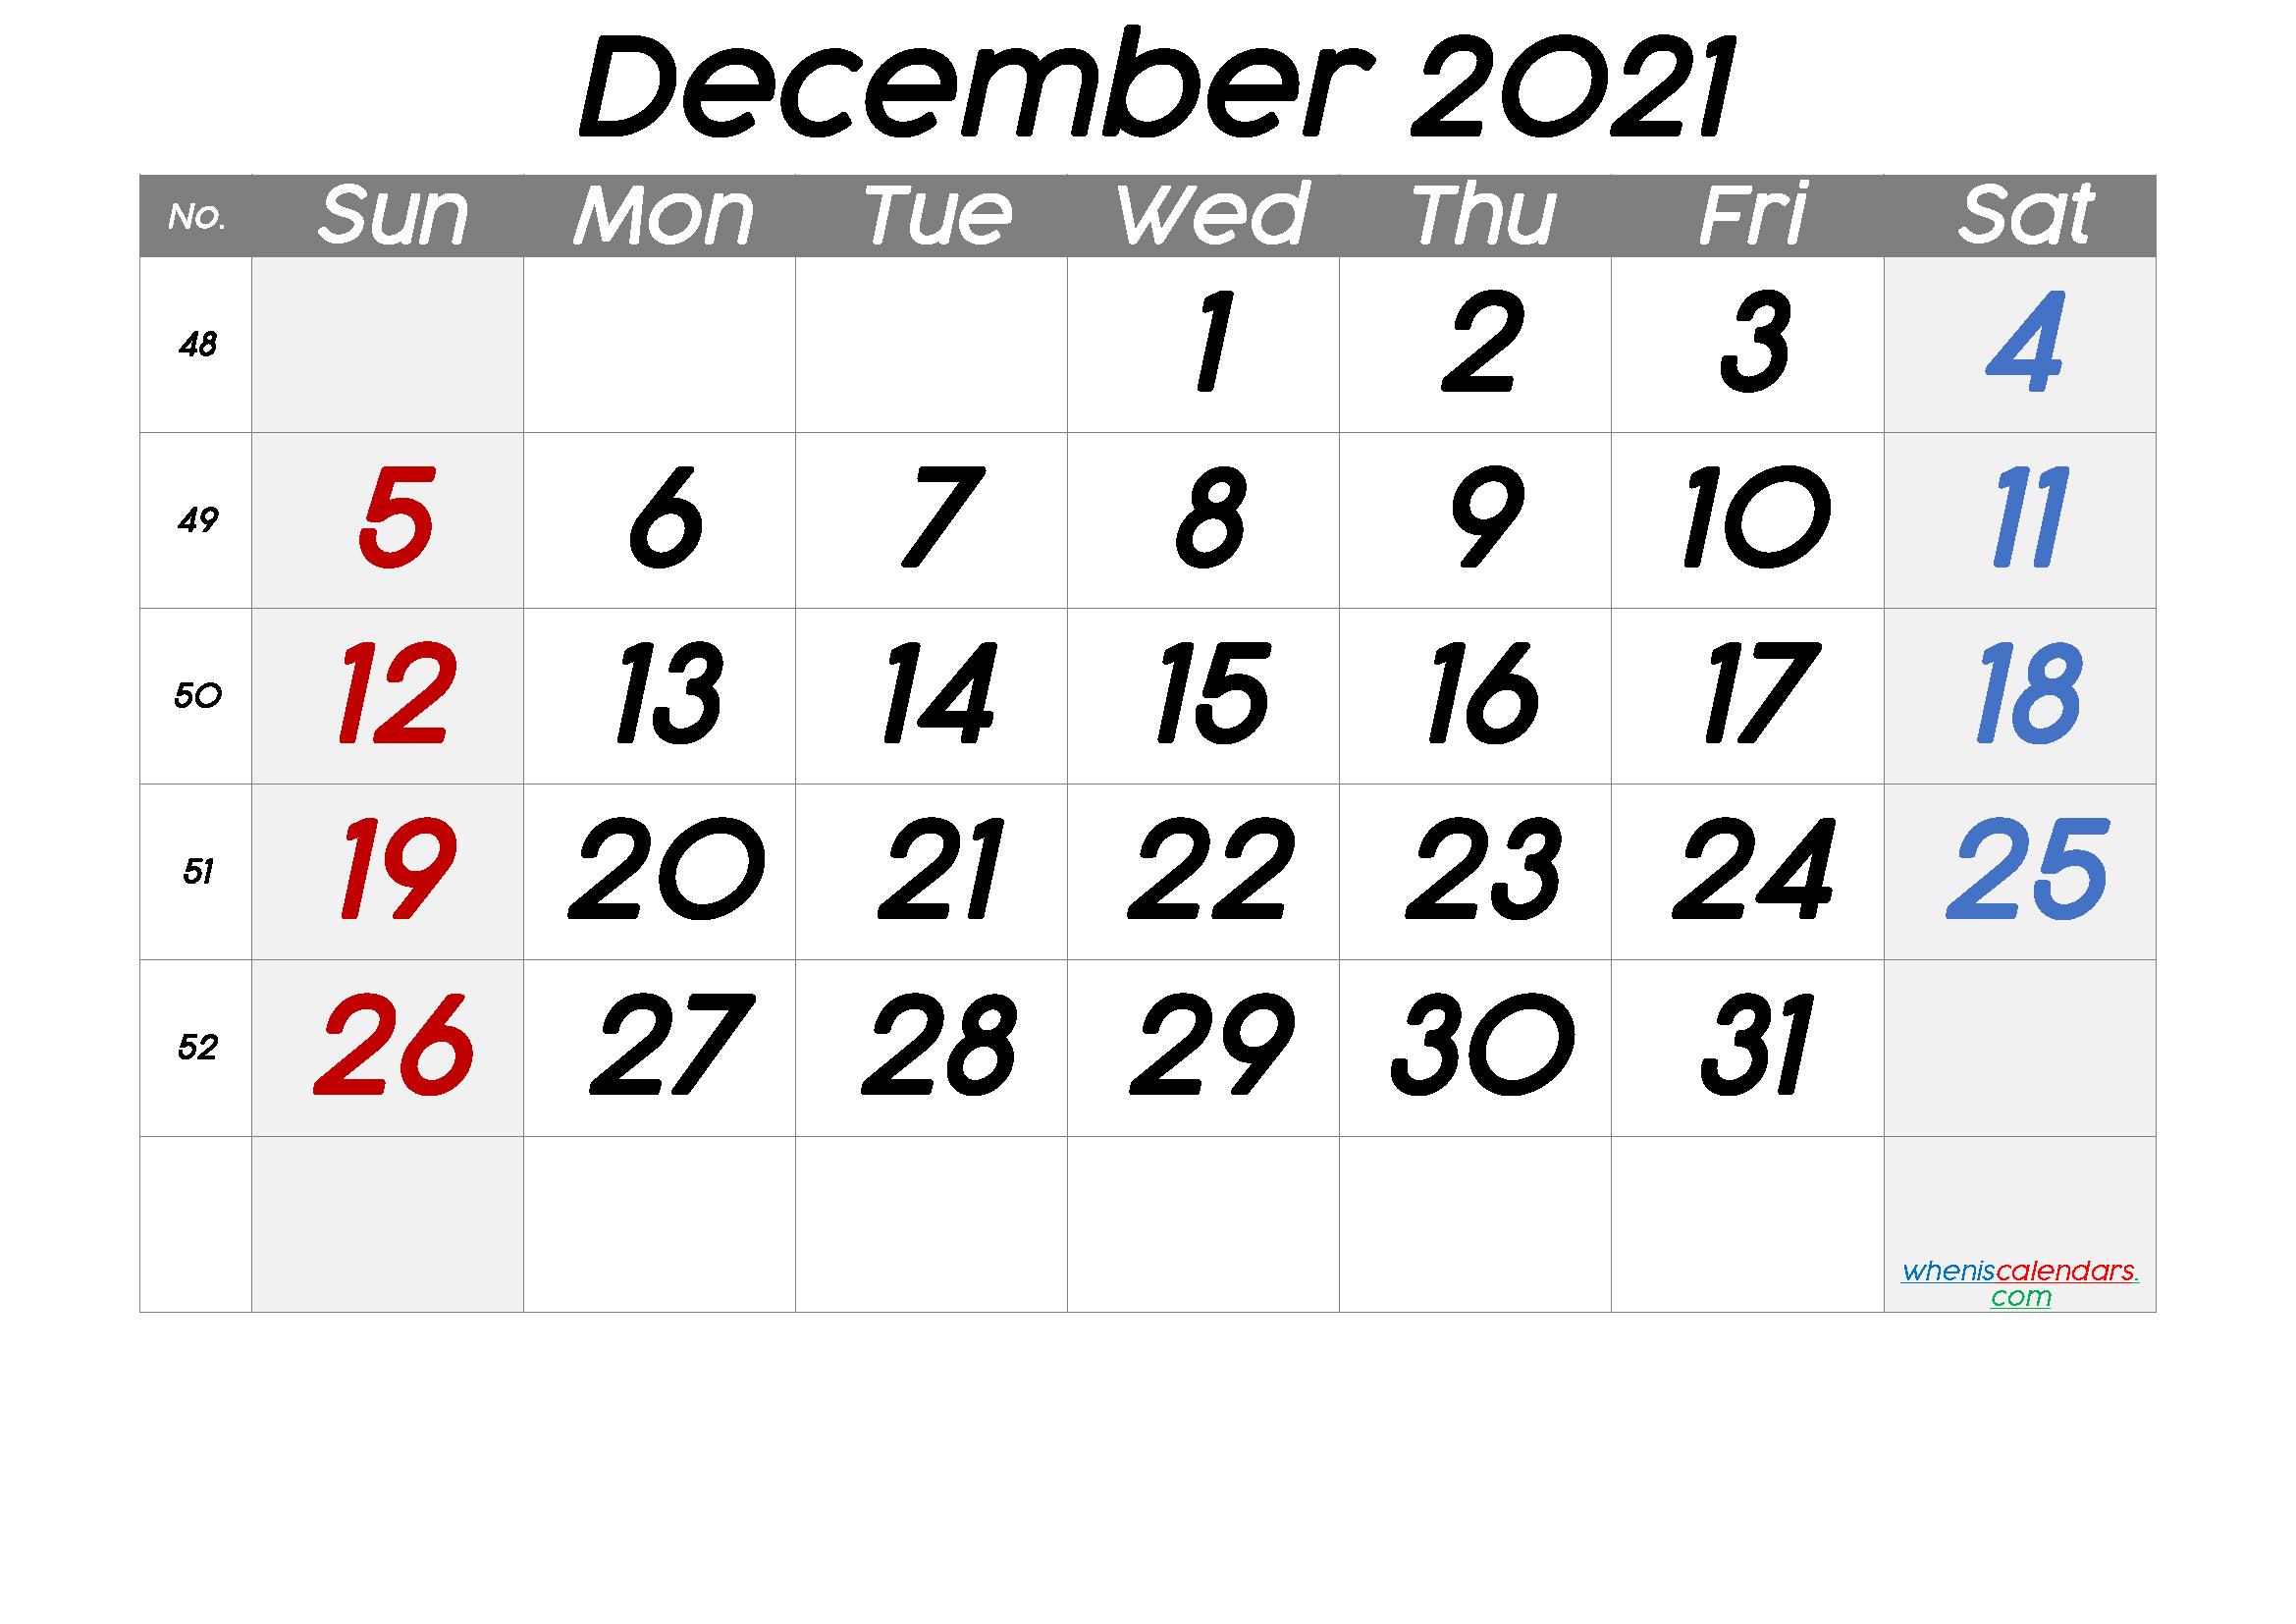 Free December 2021 Calendar with Week Numbers